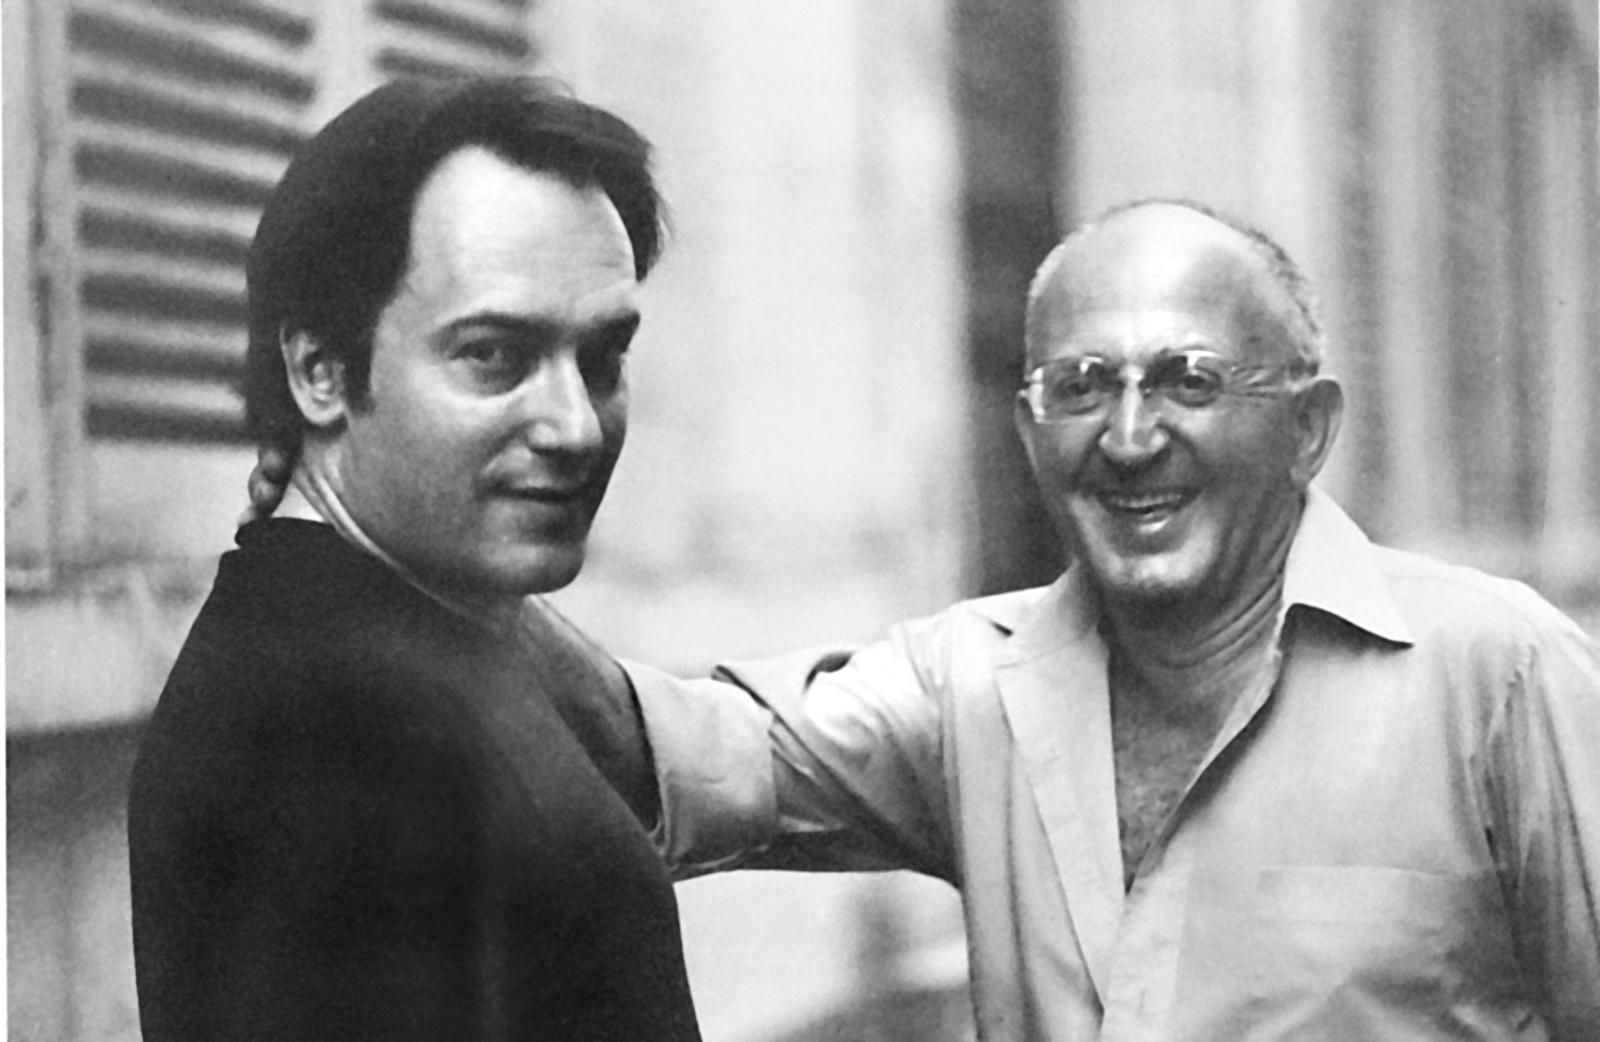 Alan et Serge Mouille en 1982.